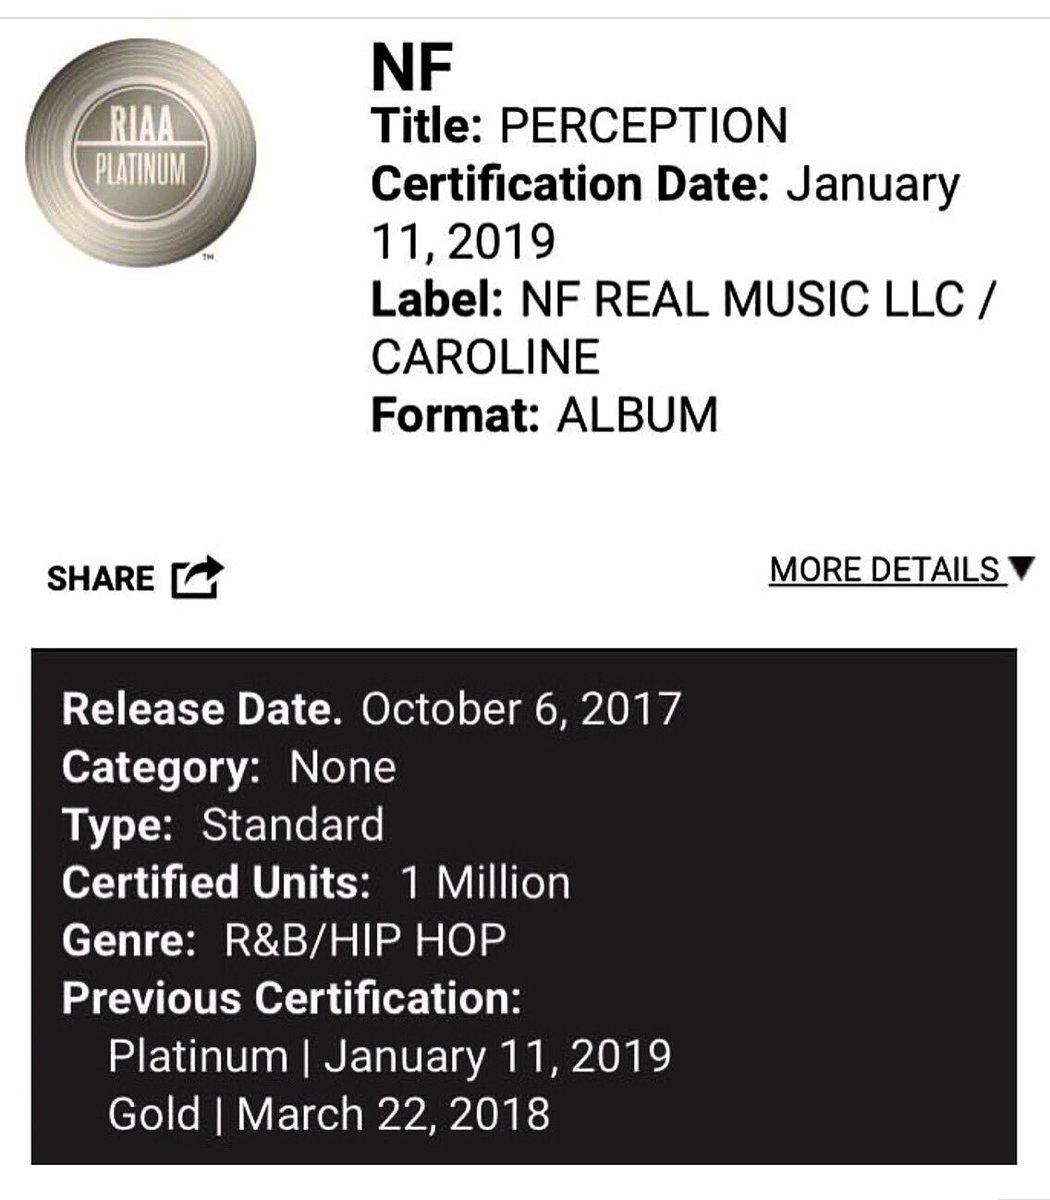 nf perception album